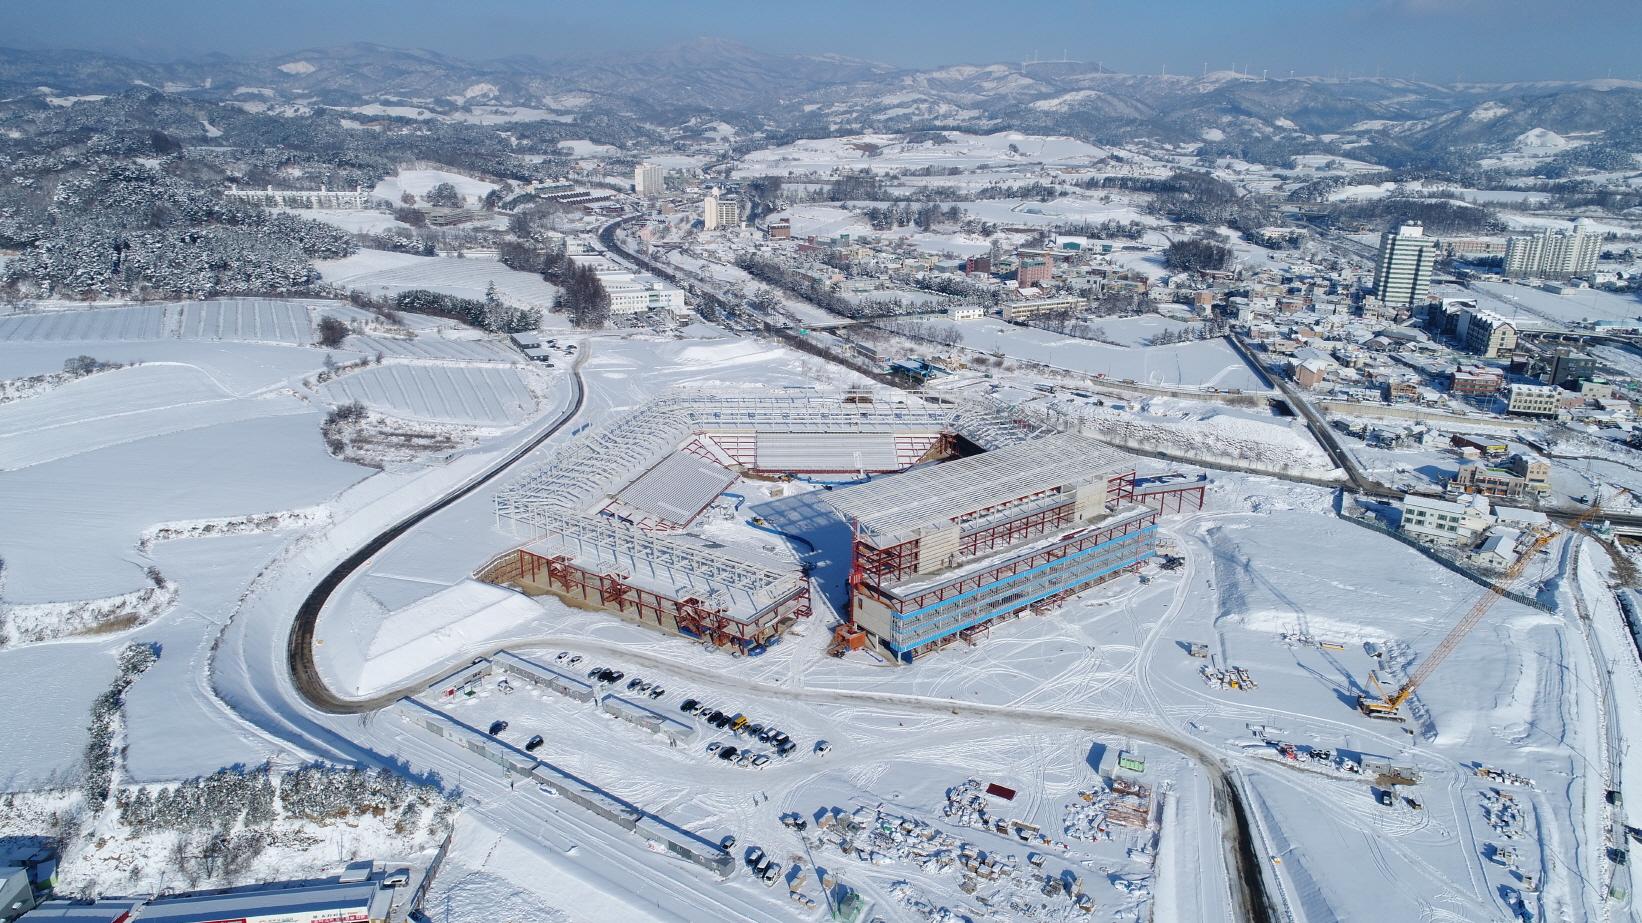 〔안정원의 디자인 칼럼〕 전 세계인의 하나된 열정이 펼쳐질 2018 평창 동계올림픽 대회1